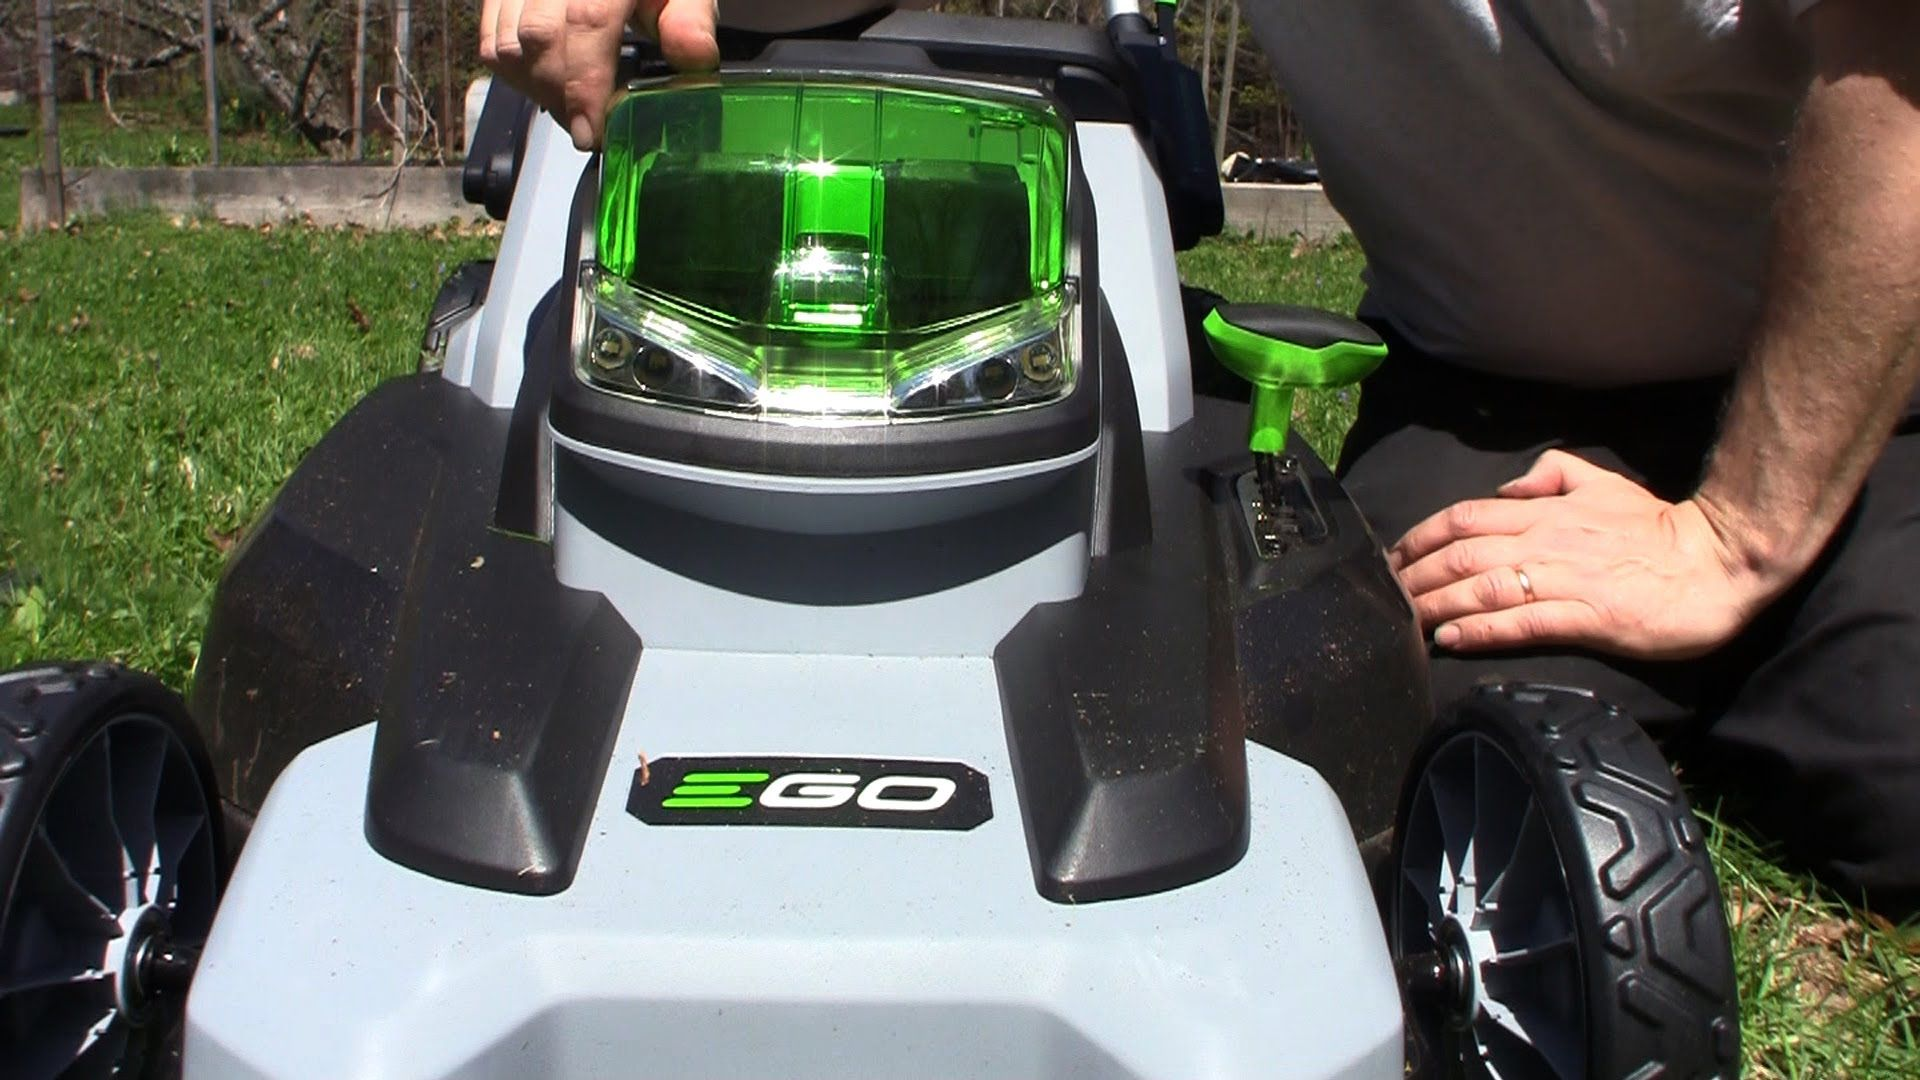 Cordless Lawn Mower That Works GardenFork TV Sponsored Video